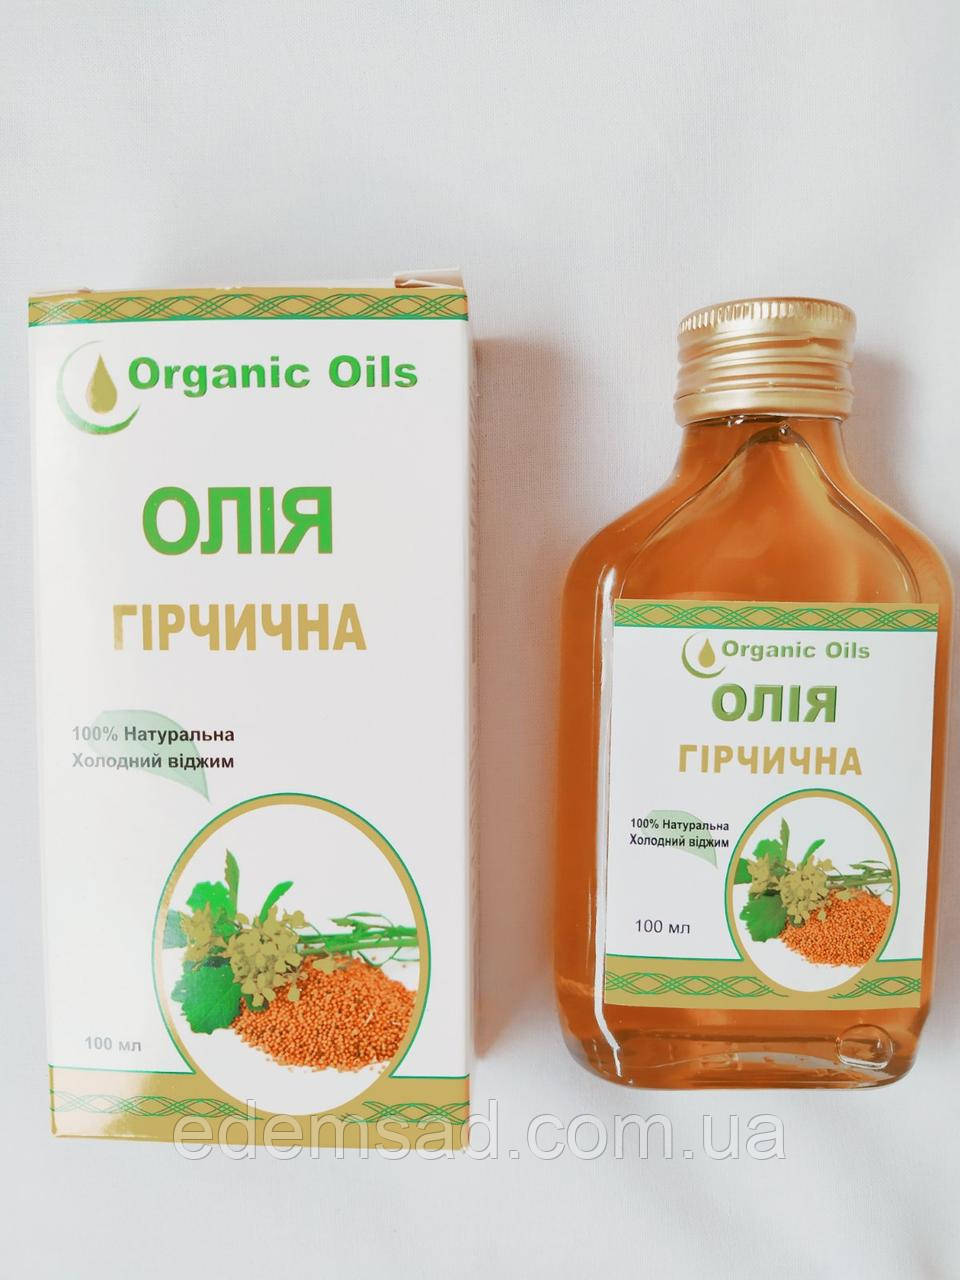 Олія гірчічна Organic Oils, 100 мл